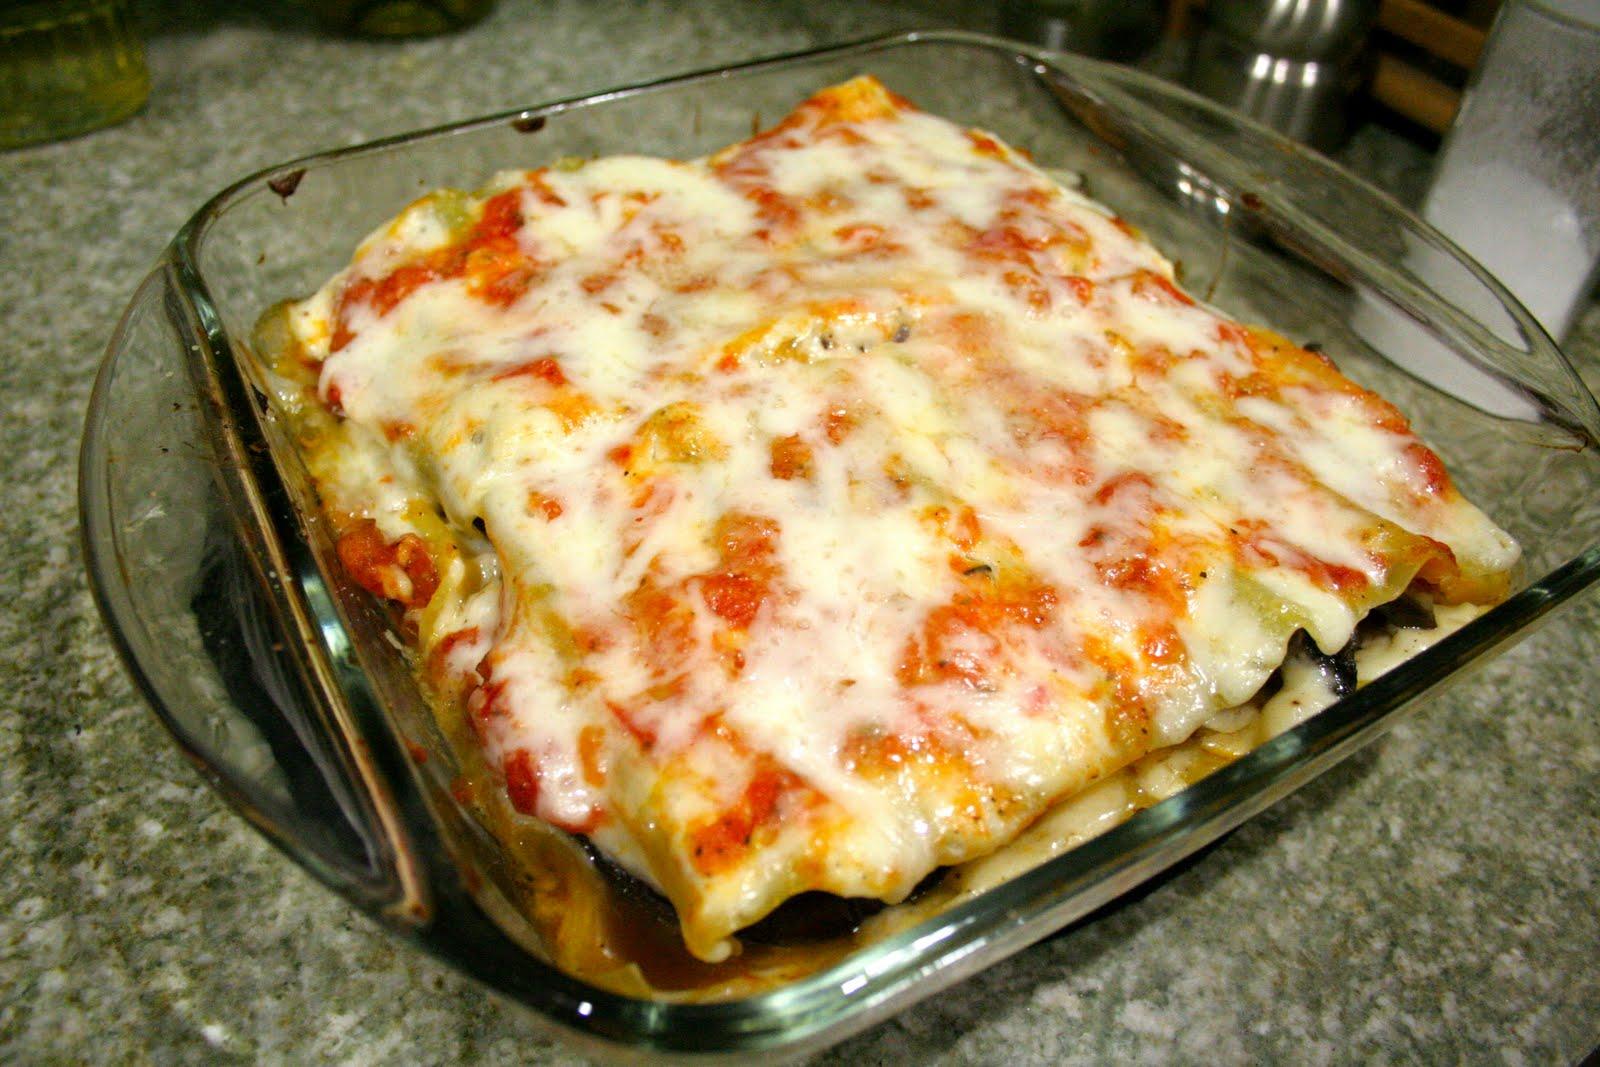 Omnivorous: Eggplant and Mushroom Lasagna